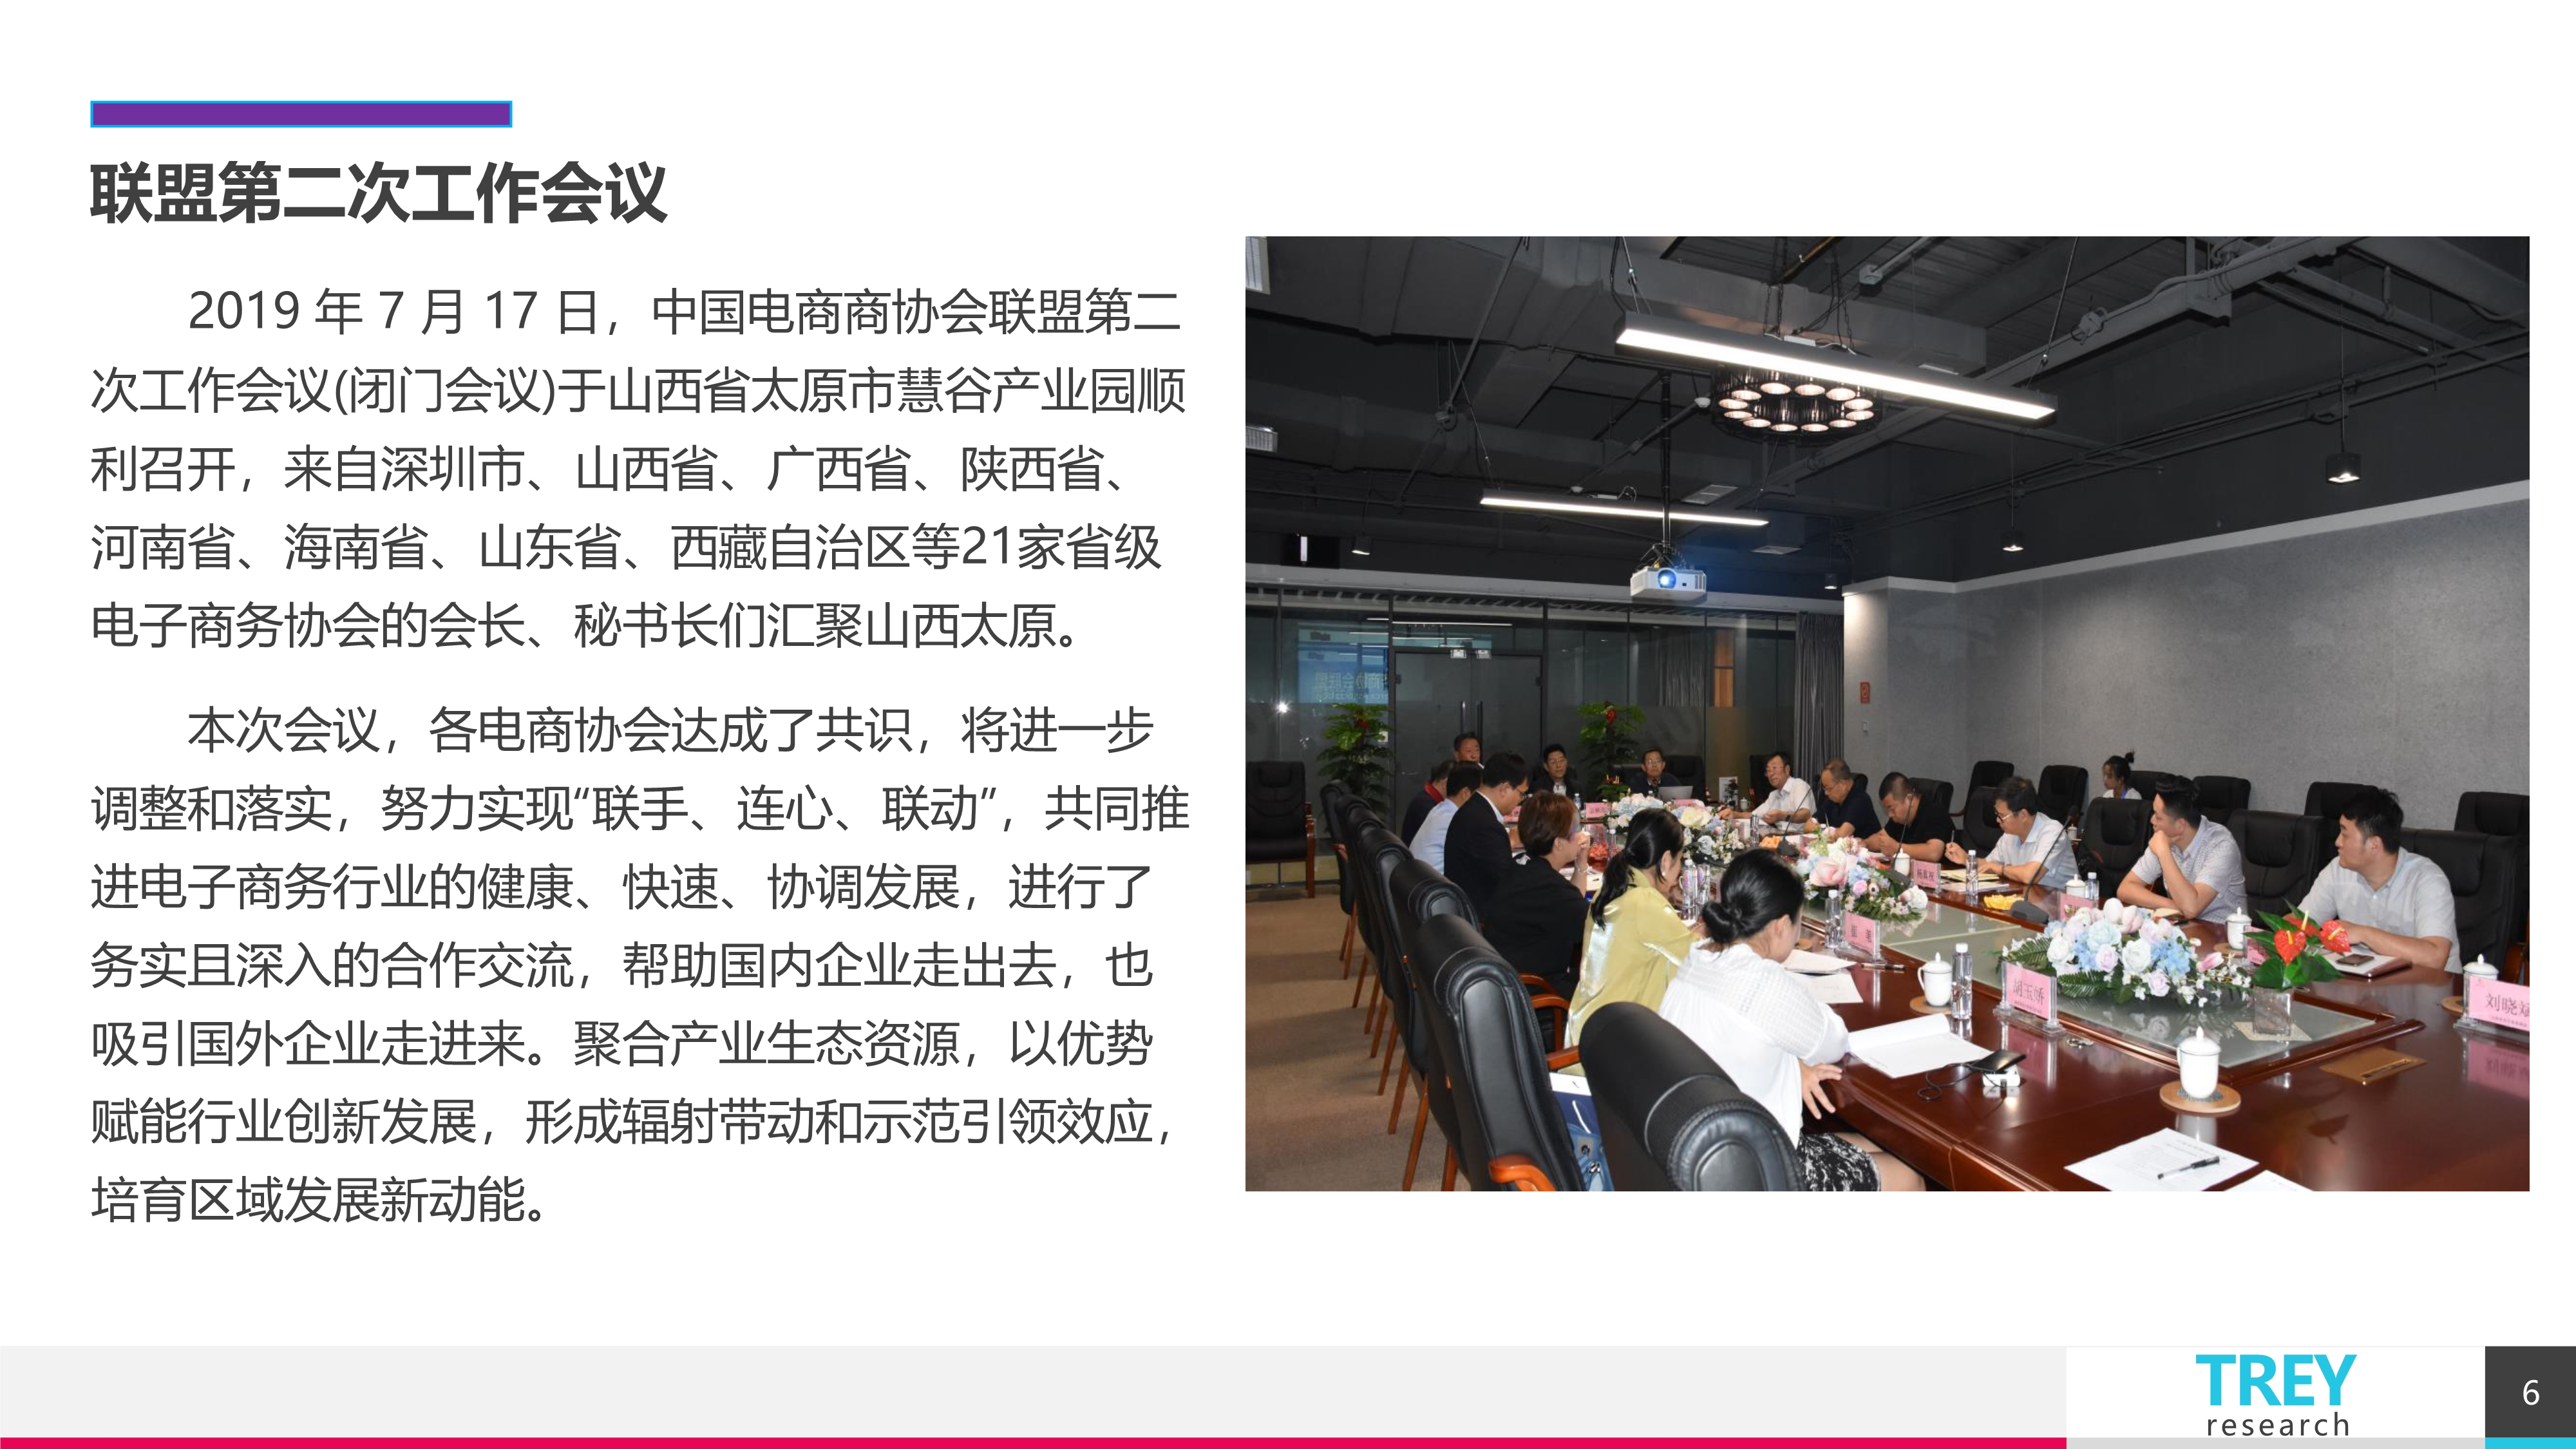 1中國電子商務商協會聯盟0220-1_6